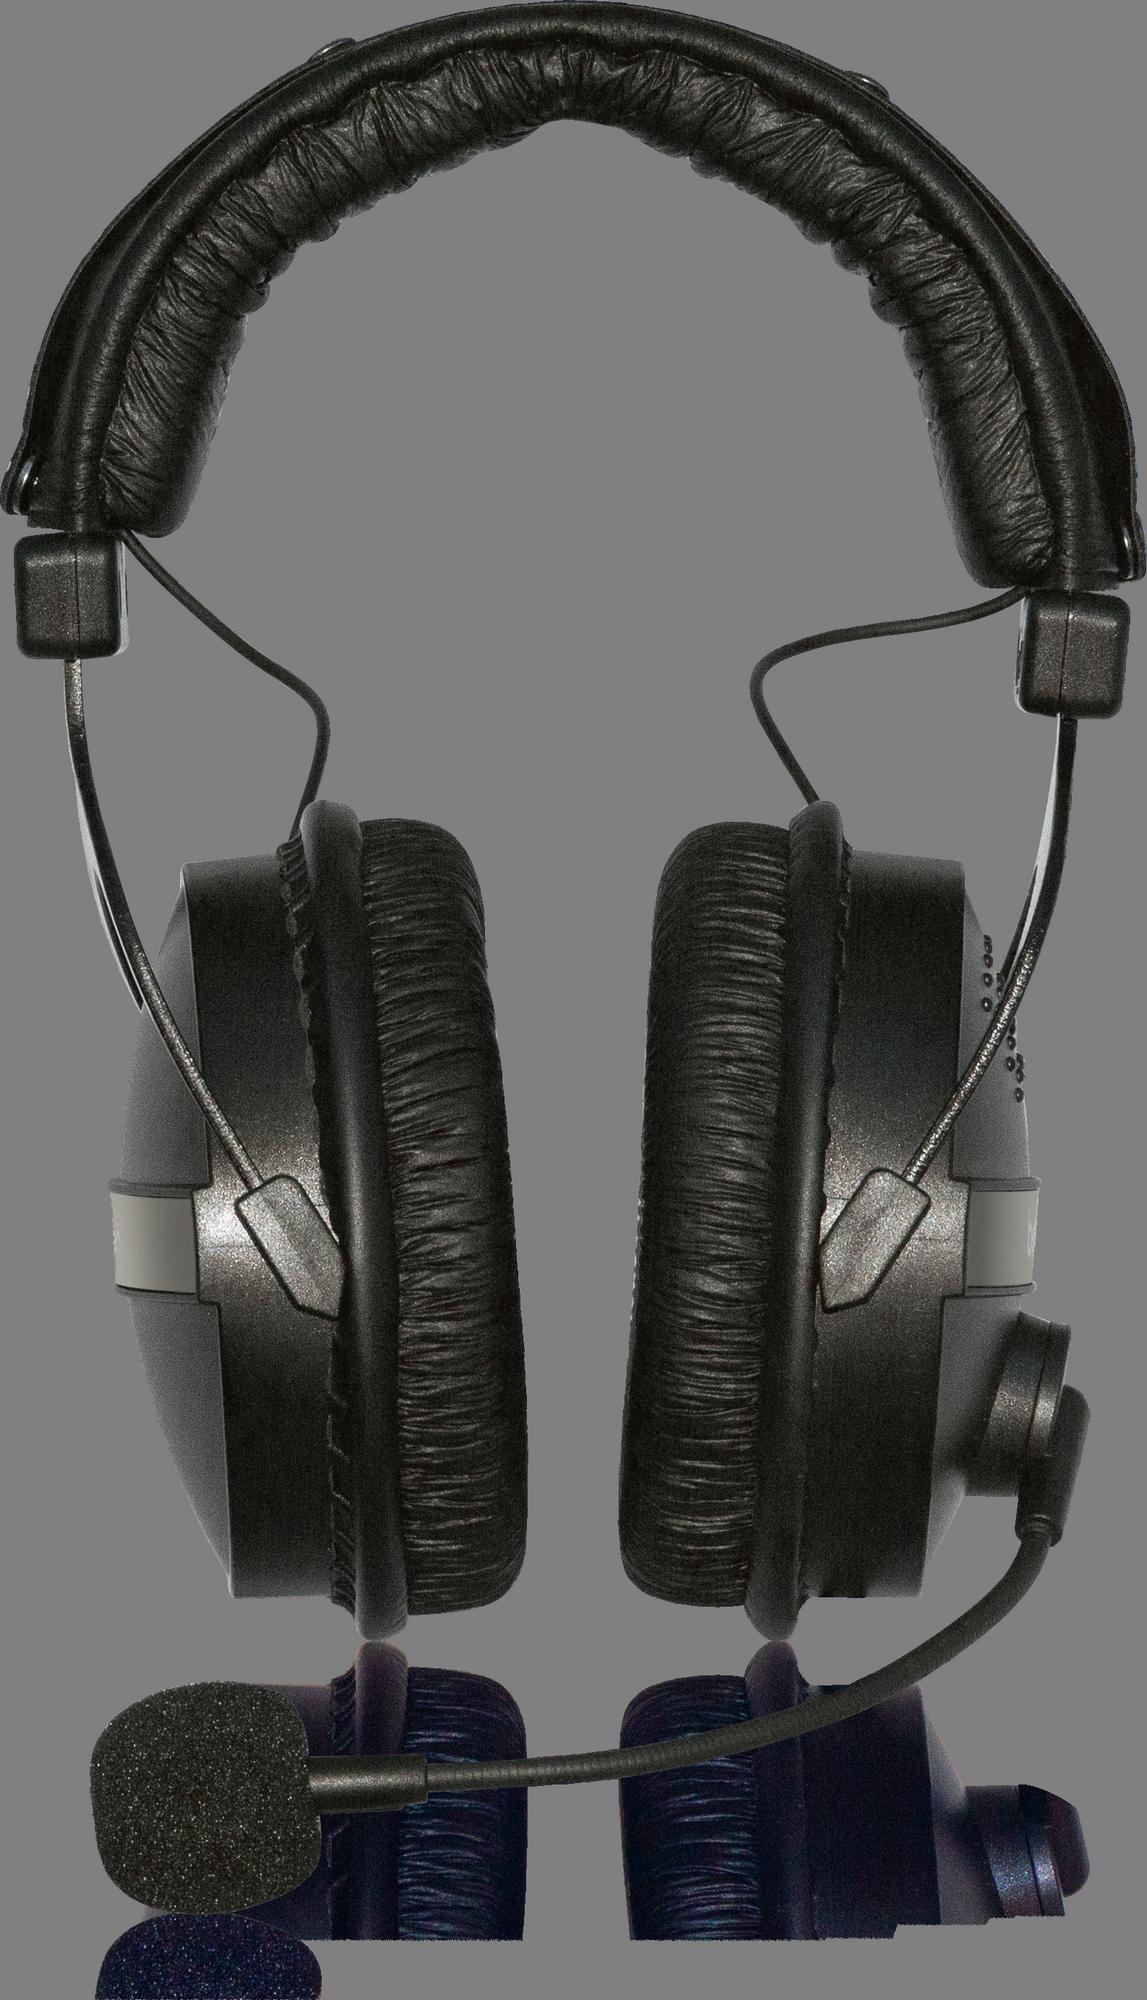 Behringer HLC 660M - Casque de Musique